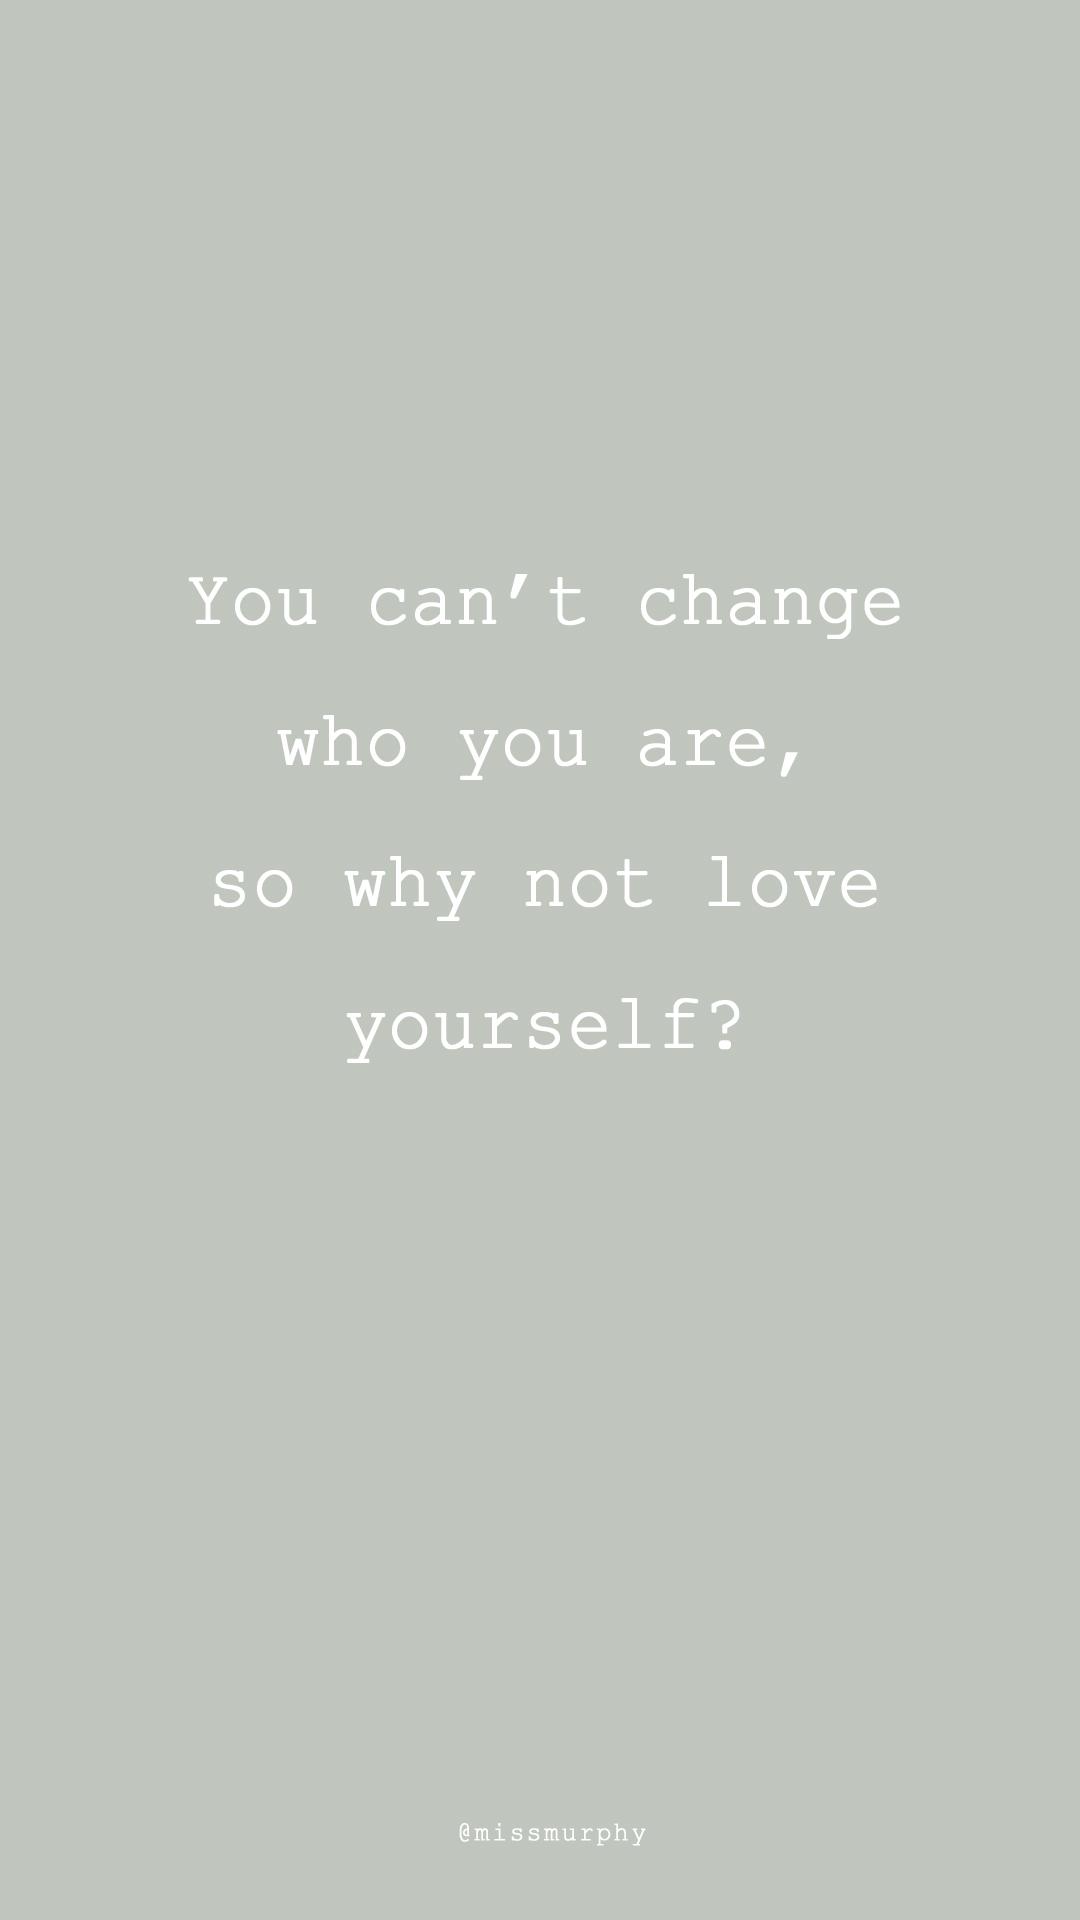 leren van jezelf te houden